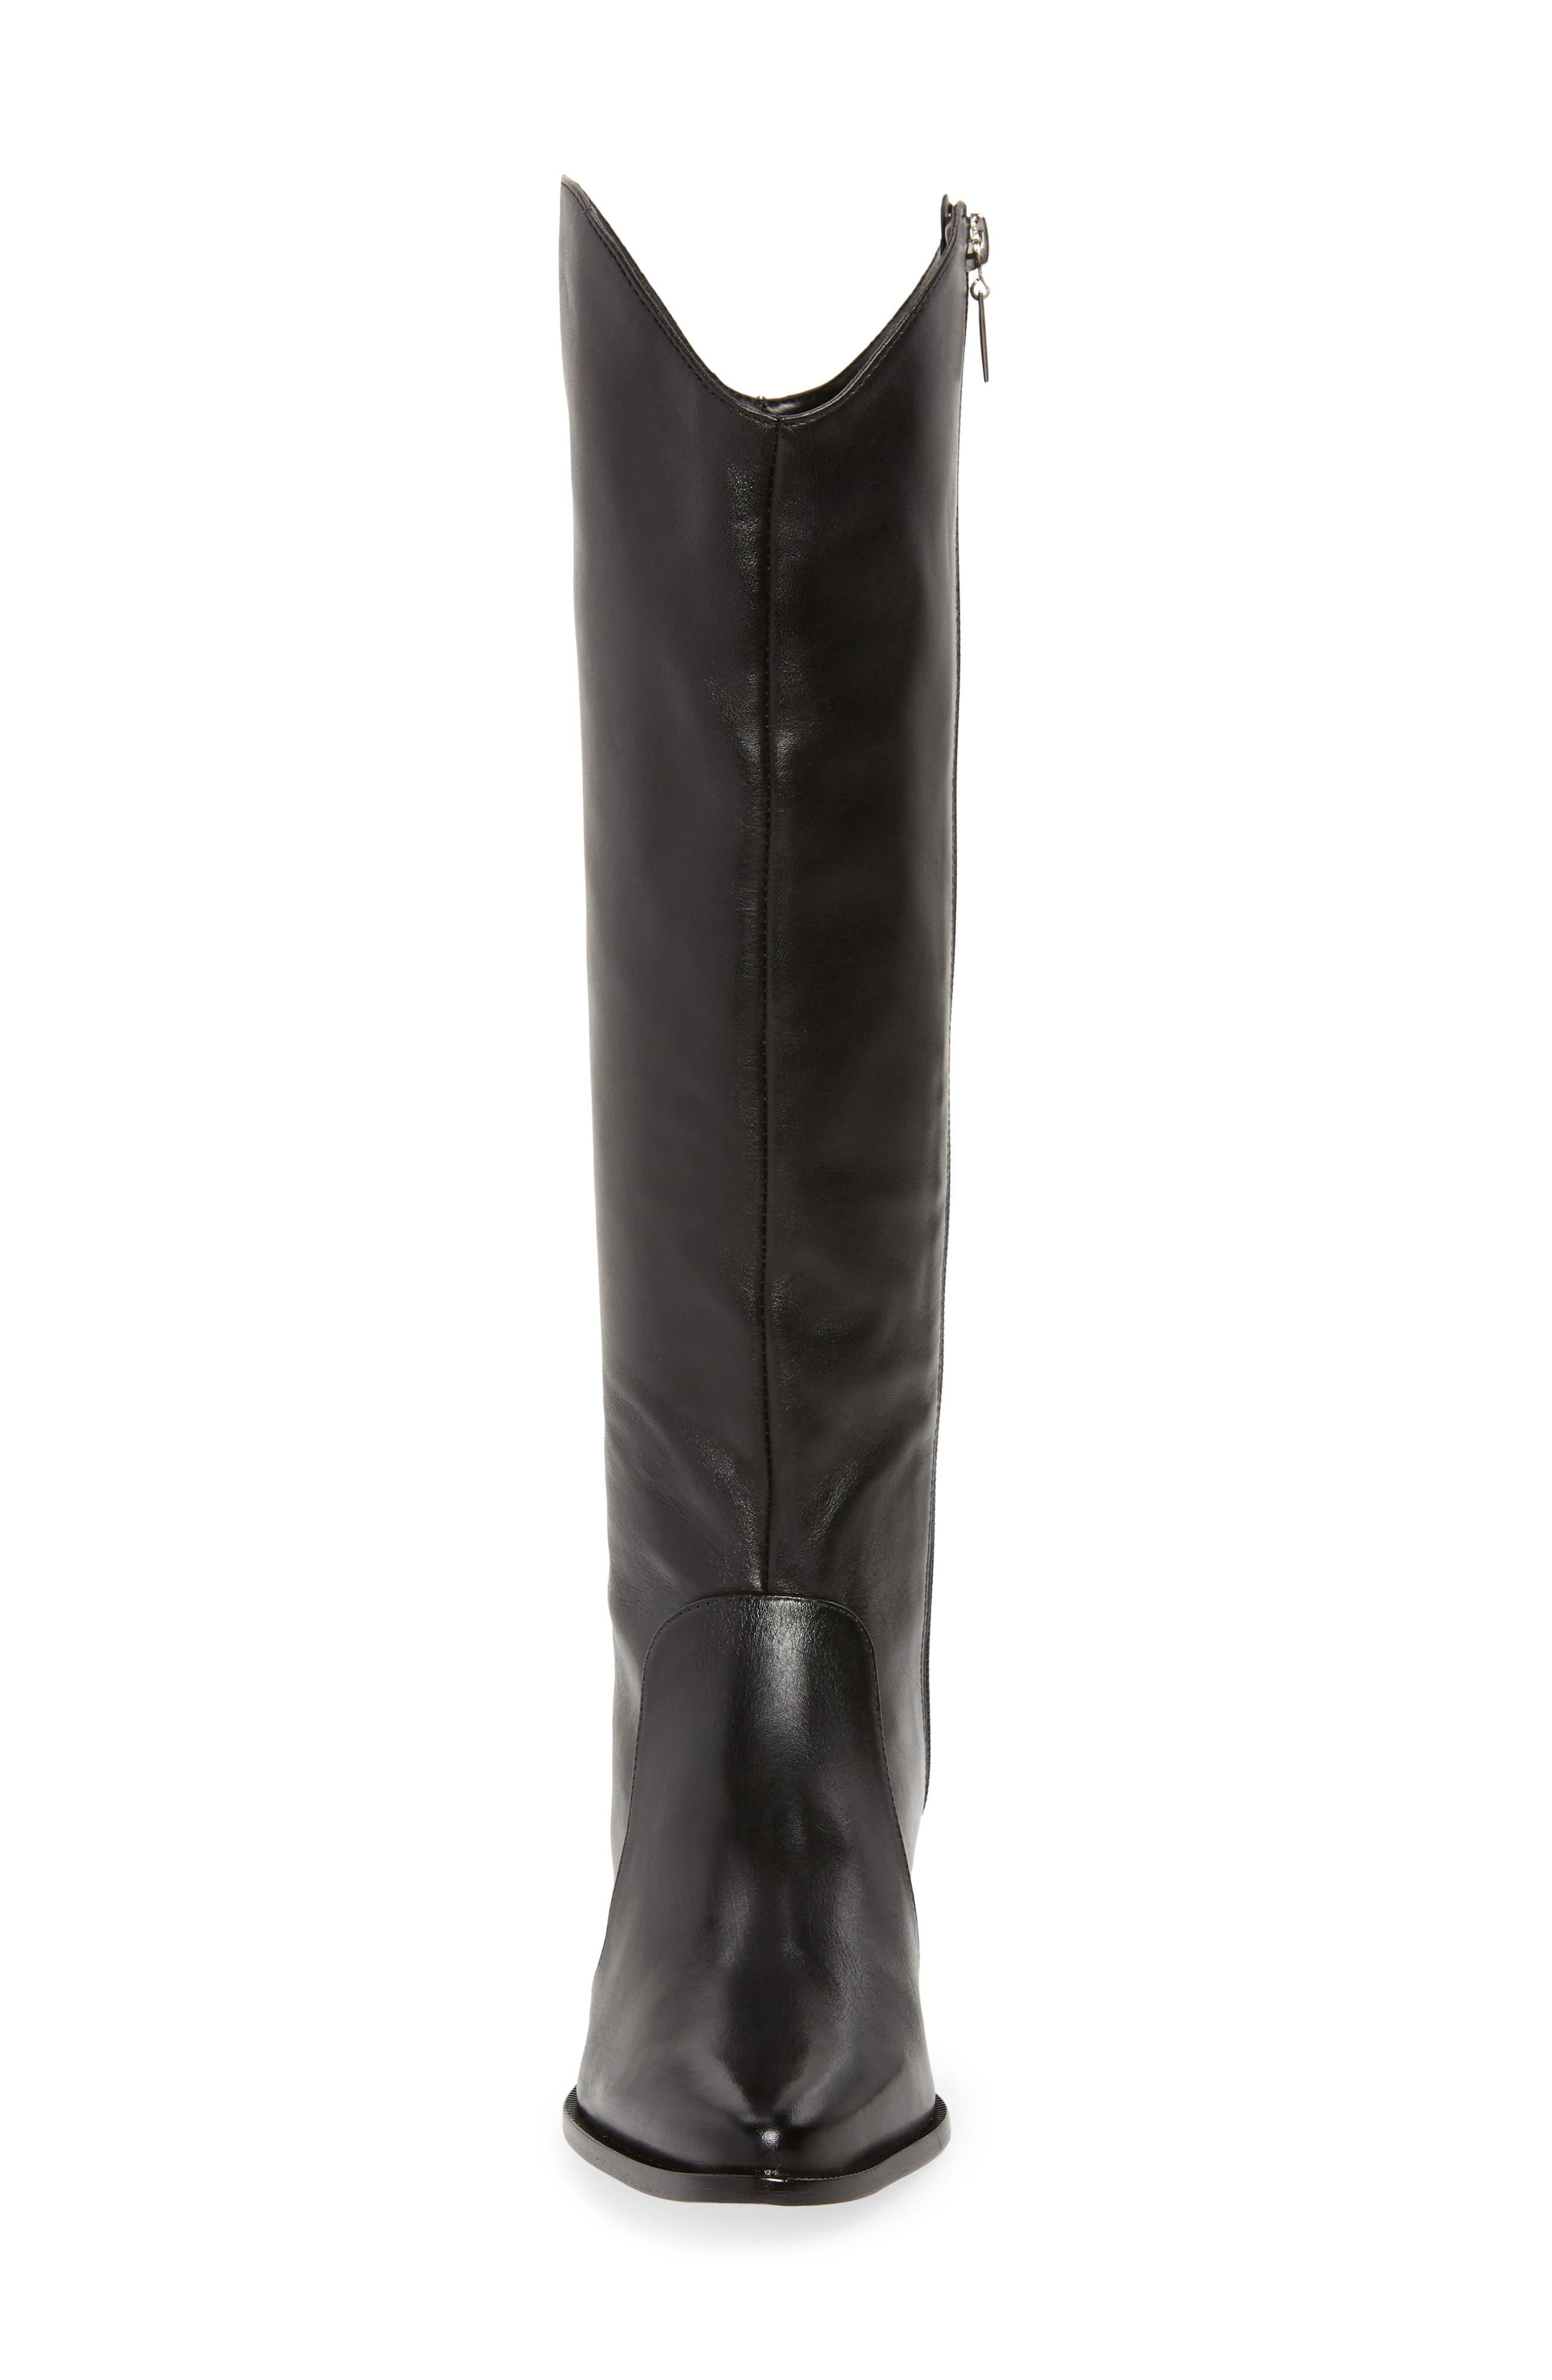 Fantinne Knee High Boot,                             Alternate thumbnail 4, color,                             BLACK LEATHER